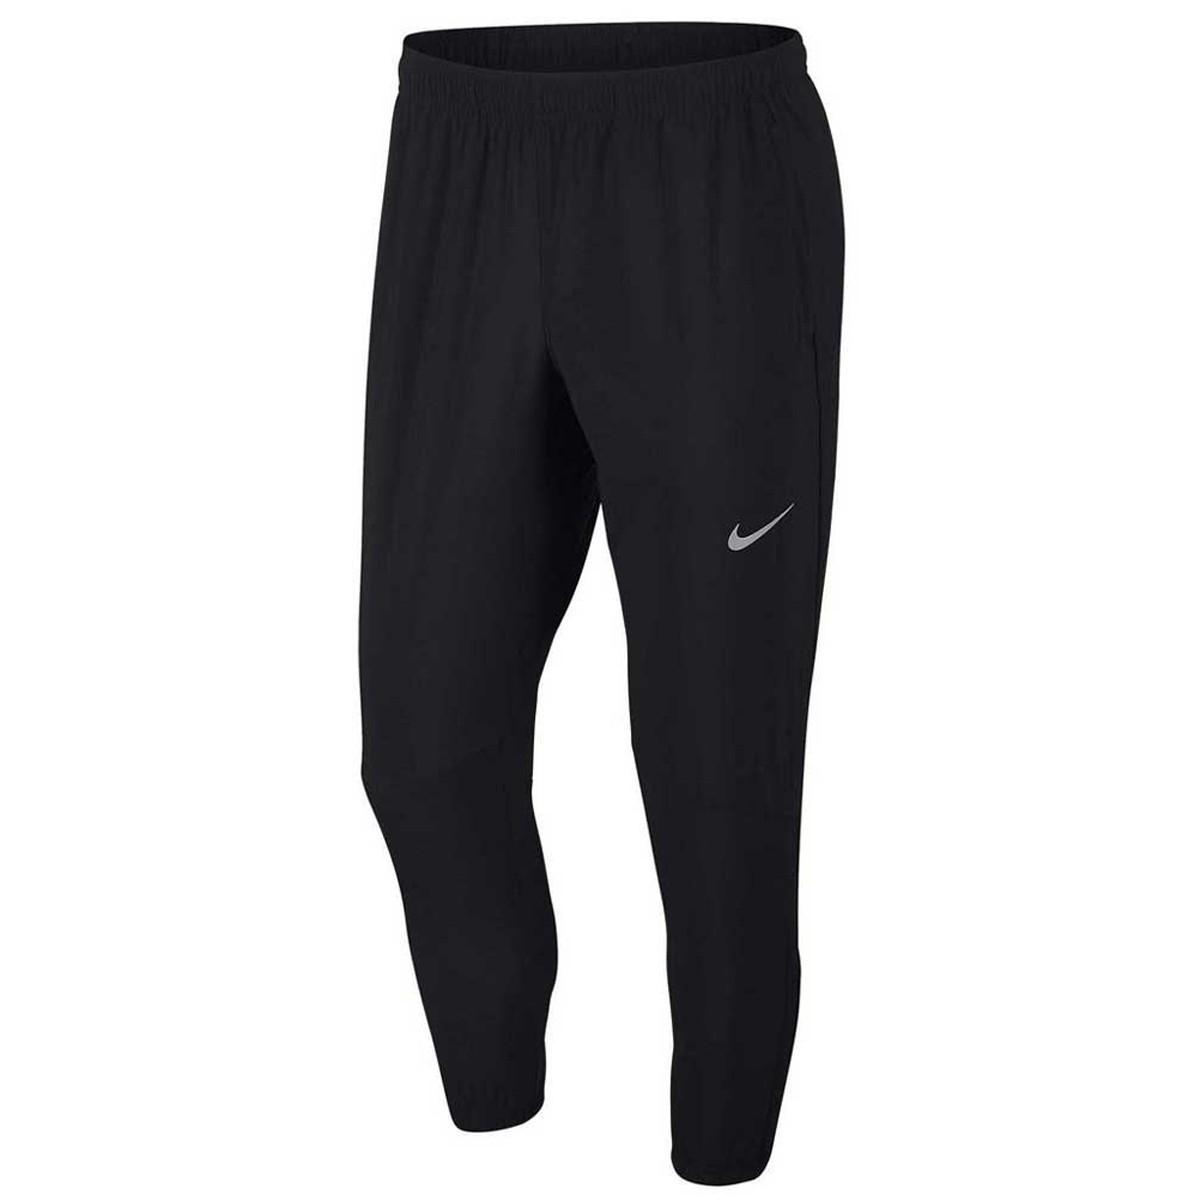 Calça Nike Phenom Essential Woven